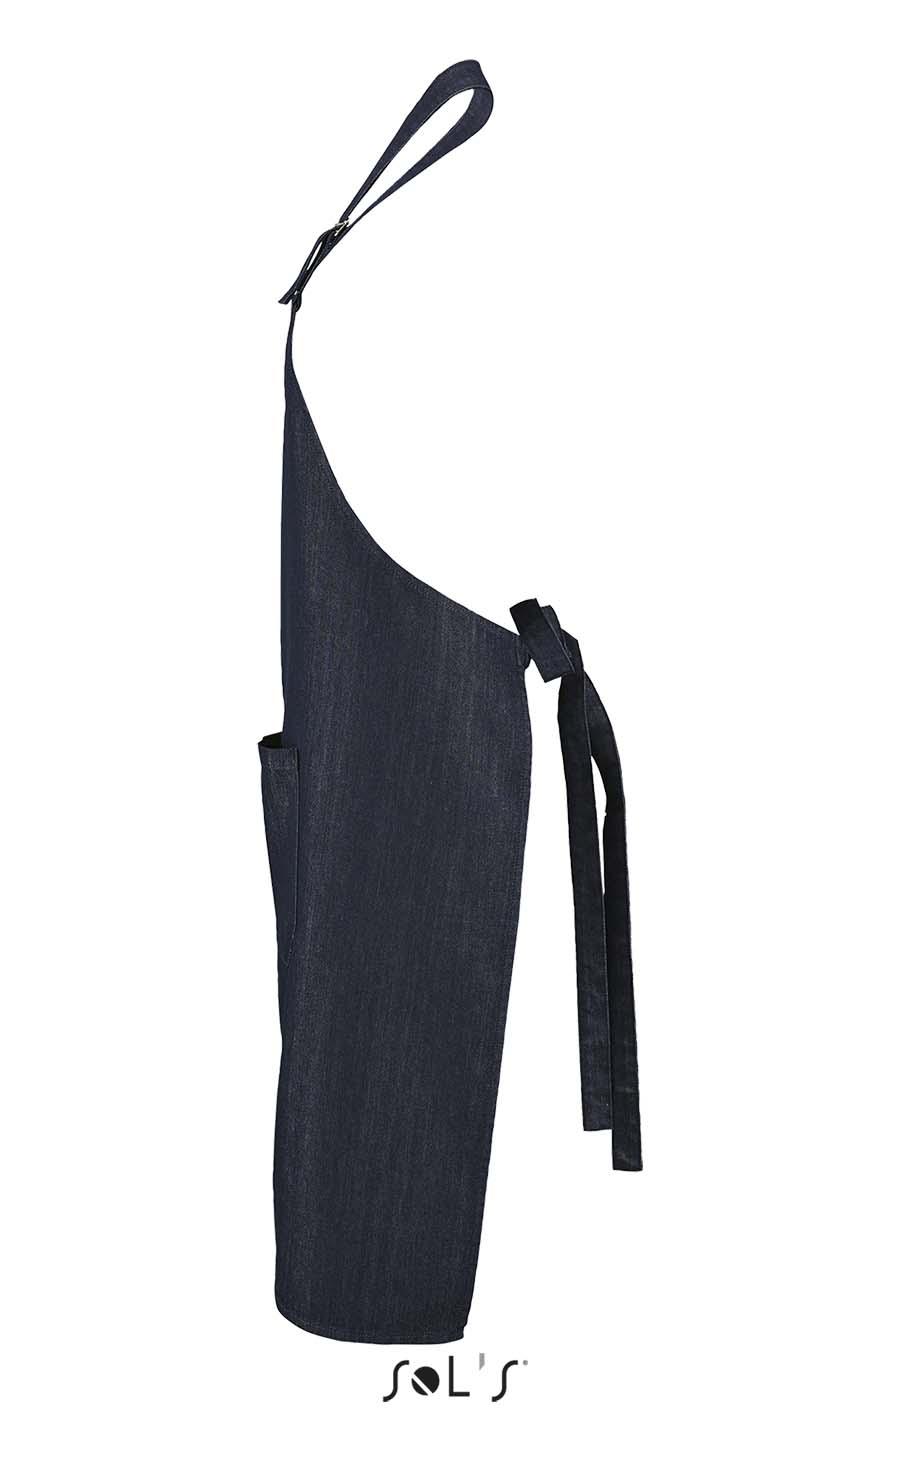 Tablier long en denim avec poche - 1-1431-1